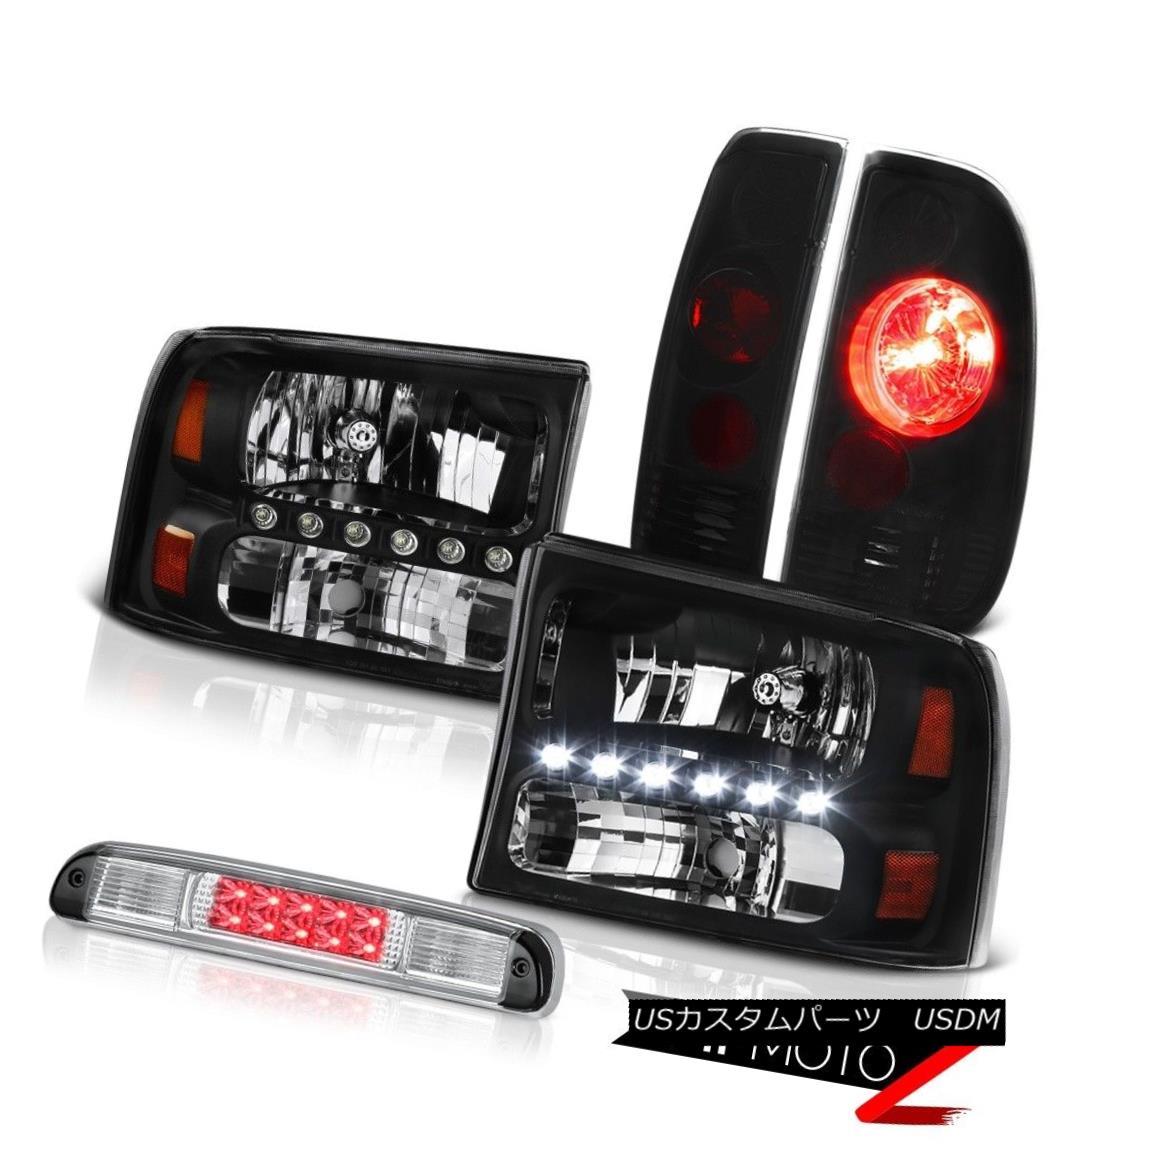 ヘッドライト Raven Black Headlamps Sinister Tail Lights Euro Third Brake LED 99-04 F250 XL Raven BlackヘッドランプSinister Tail LightsユーロサードブレーキLED 99-04 F250 XL